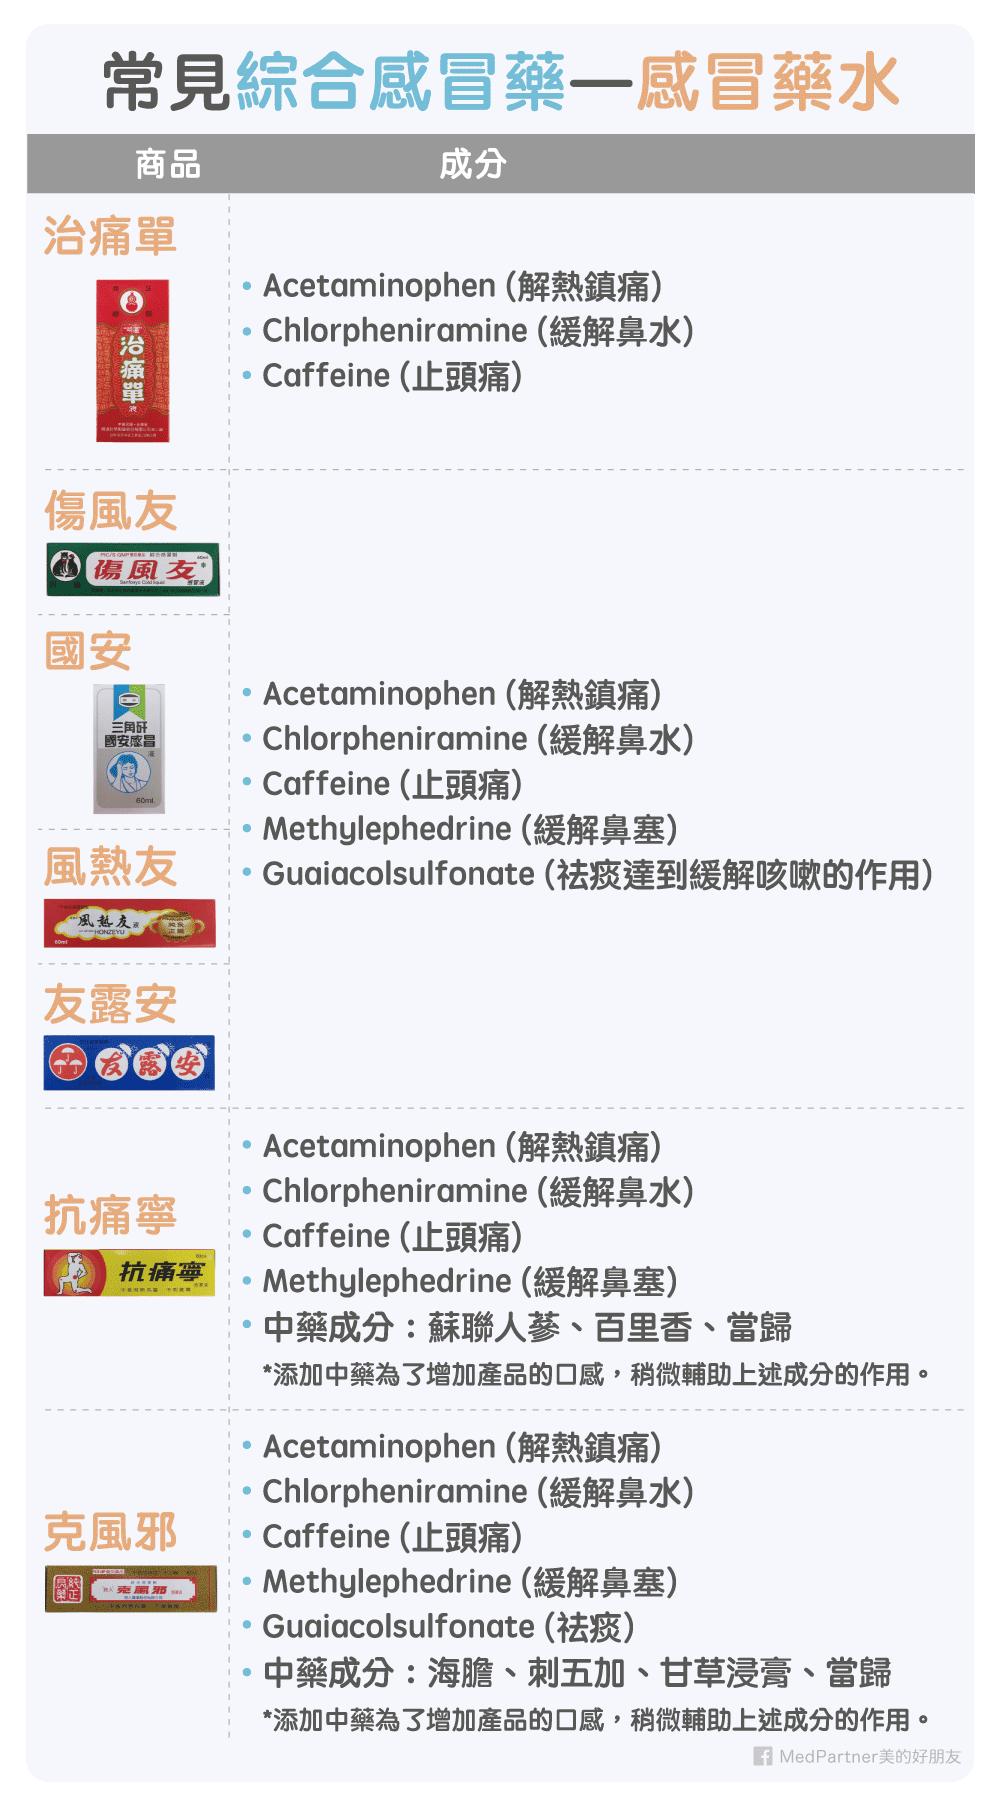 常見綜合感冒藥-感冒藥水